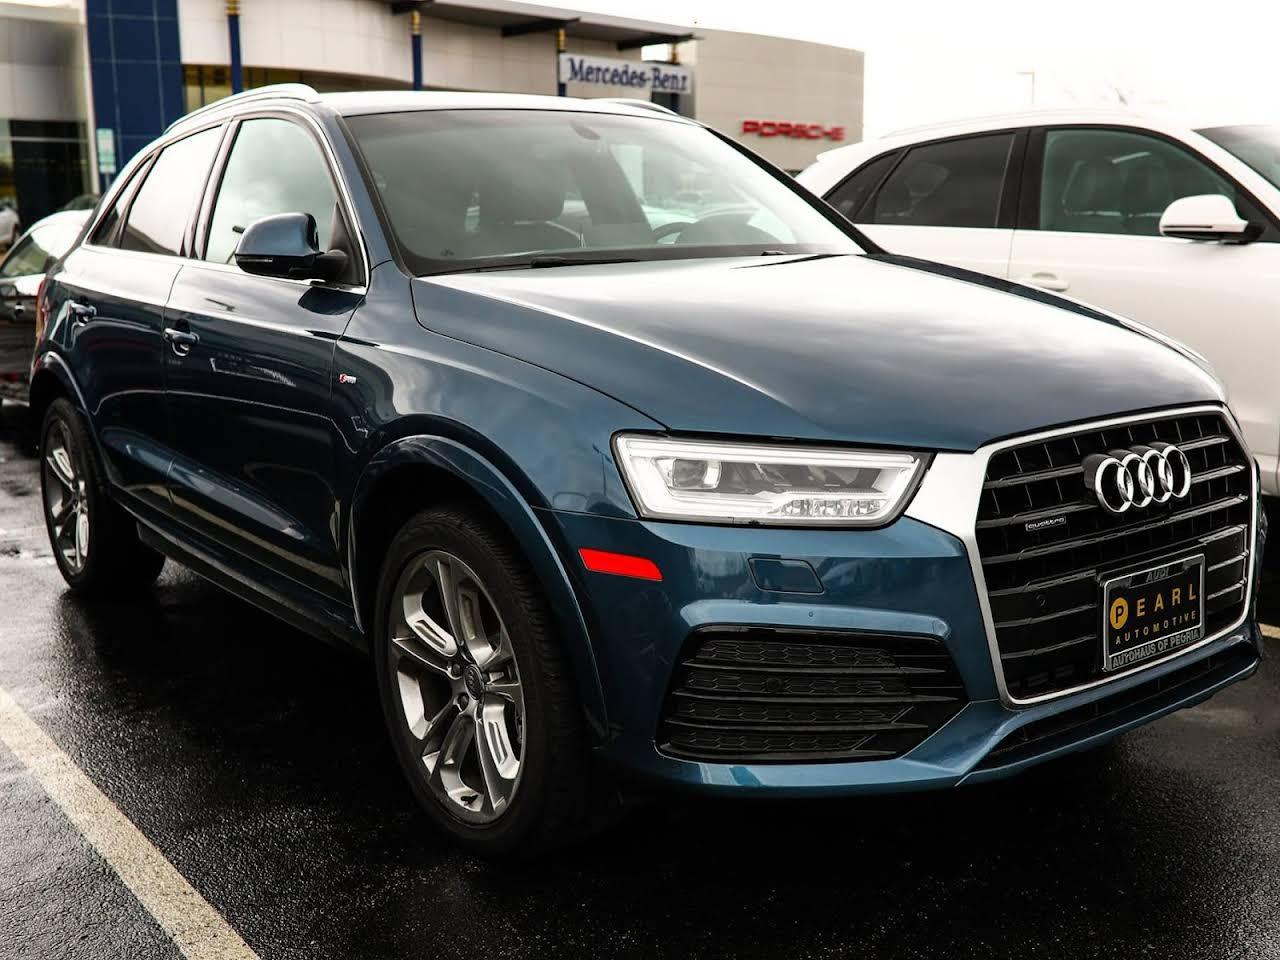 Audi Peoria Audi Dealer In Peoria - Audi dealers in illinois